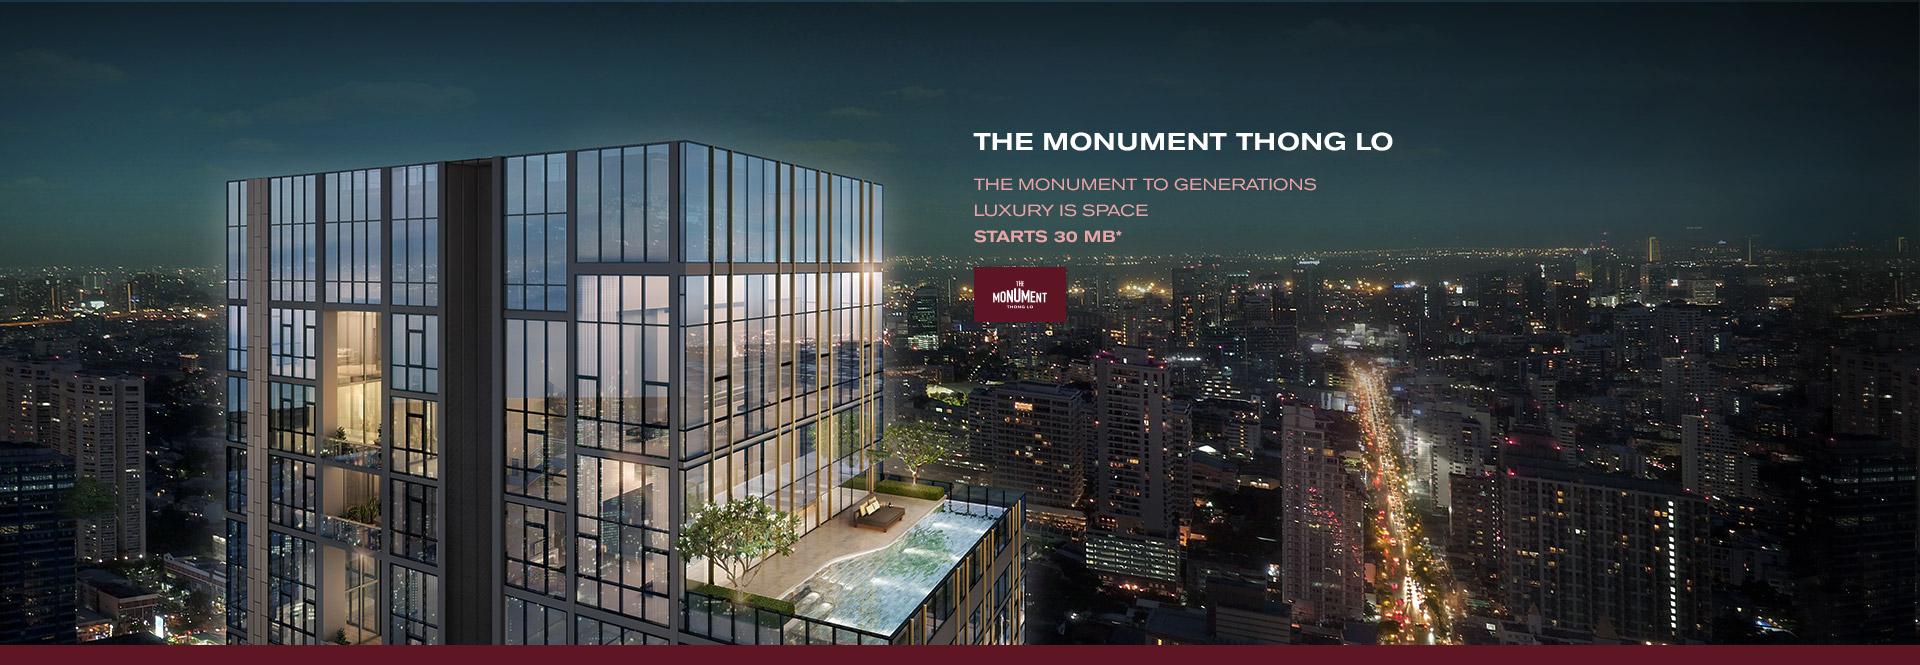 คอนโดมิเนียม - เดอะ โมนูเม้นท์ ทองหล่อ (The Monument Thong Lo)